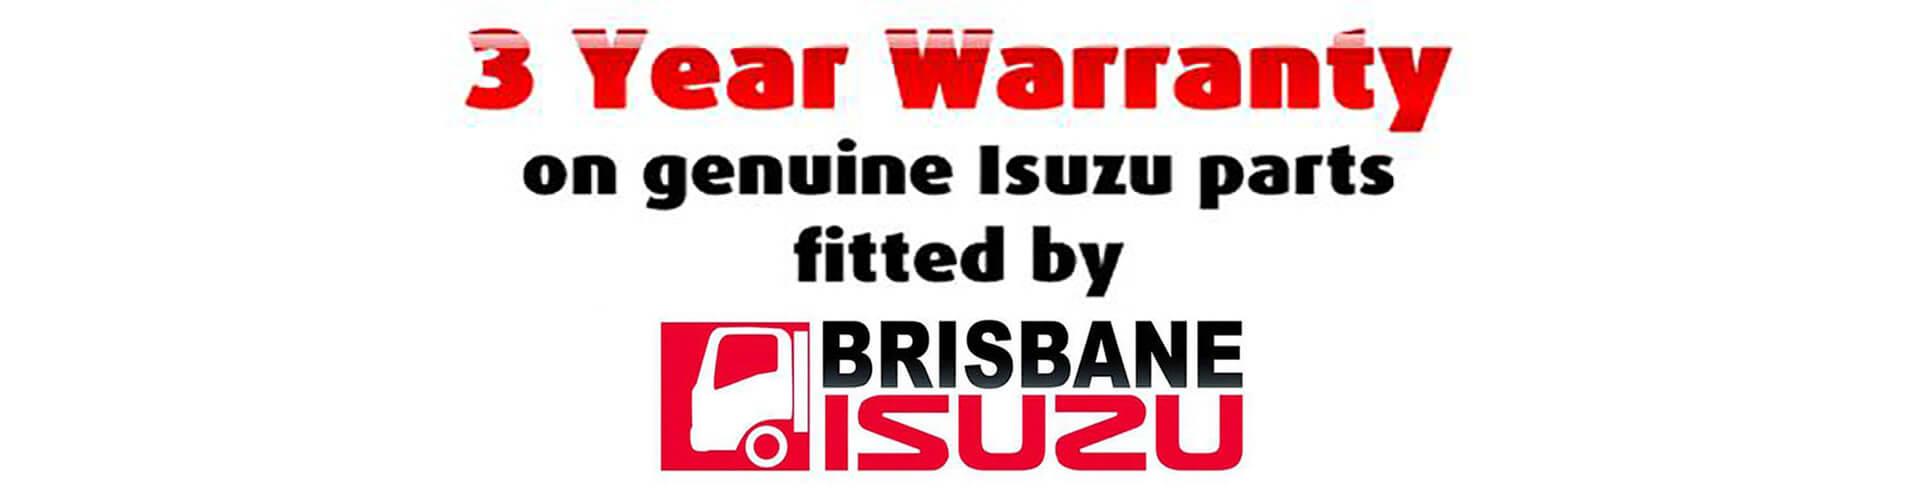 Brisbane Isuzu 3 Year Warranty